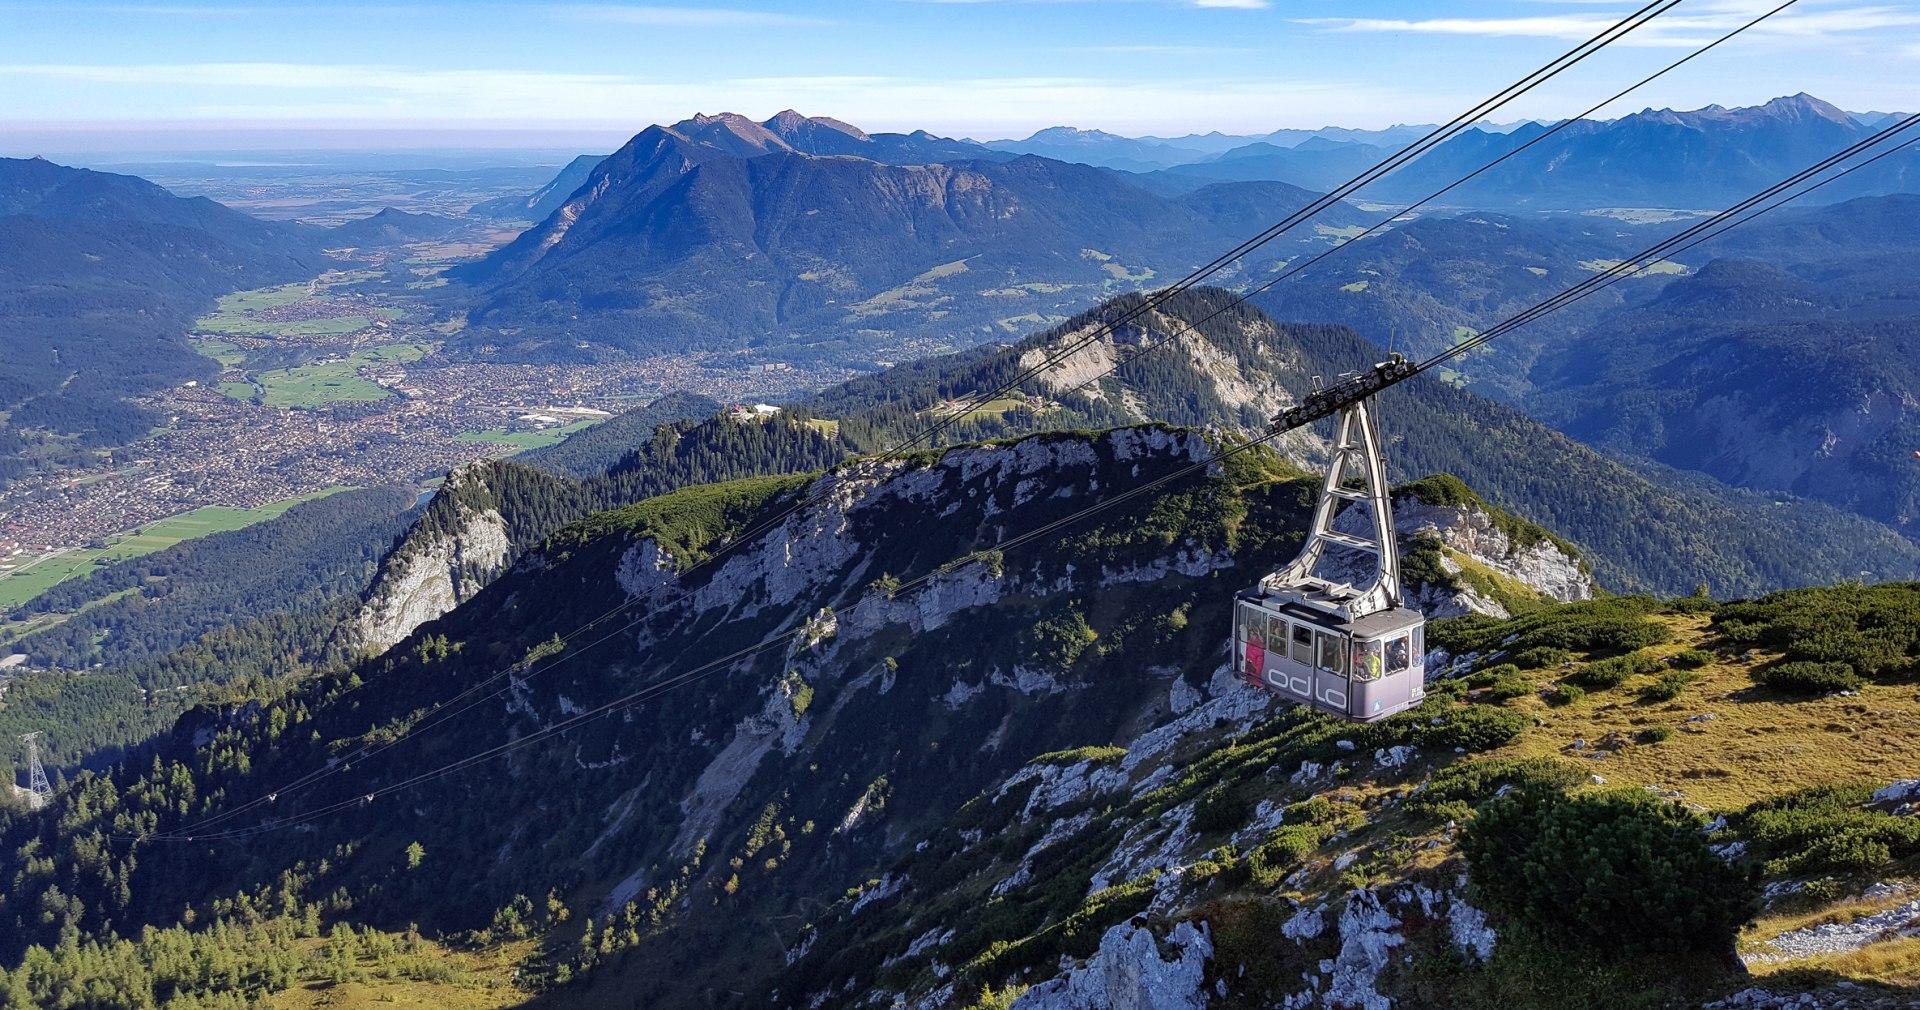 Alpspitzbahn summer with view to Munich, © Nicki Fischer